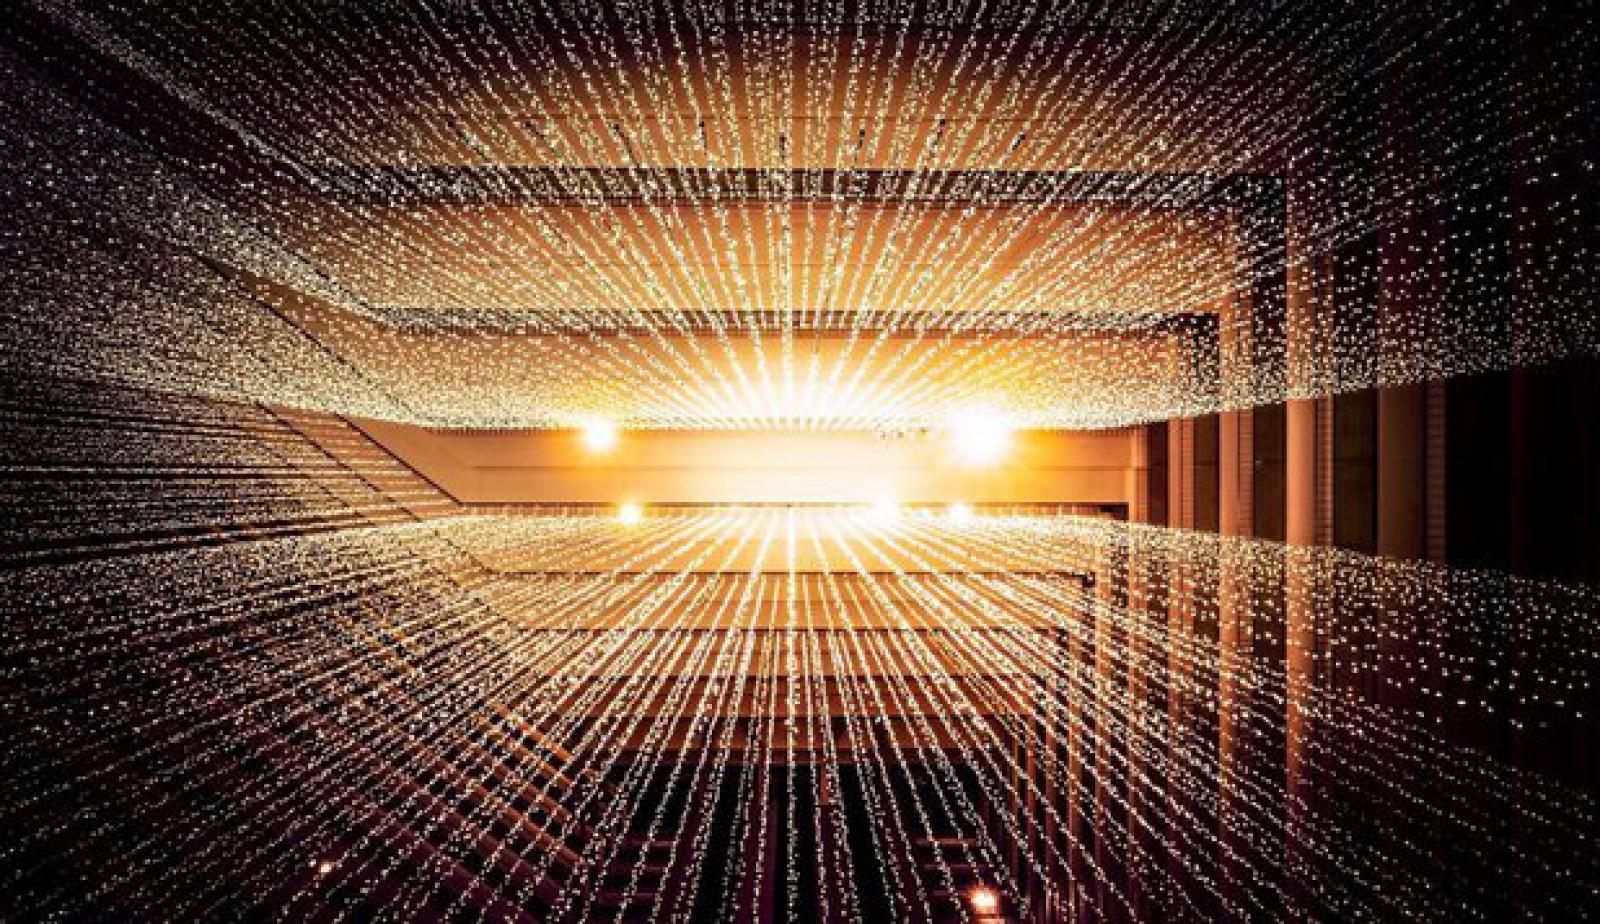 Reuşită colosală pentru crearea internetului cuantic, după depăşirea unui impediment crucial